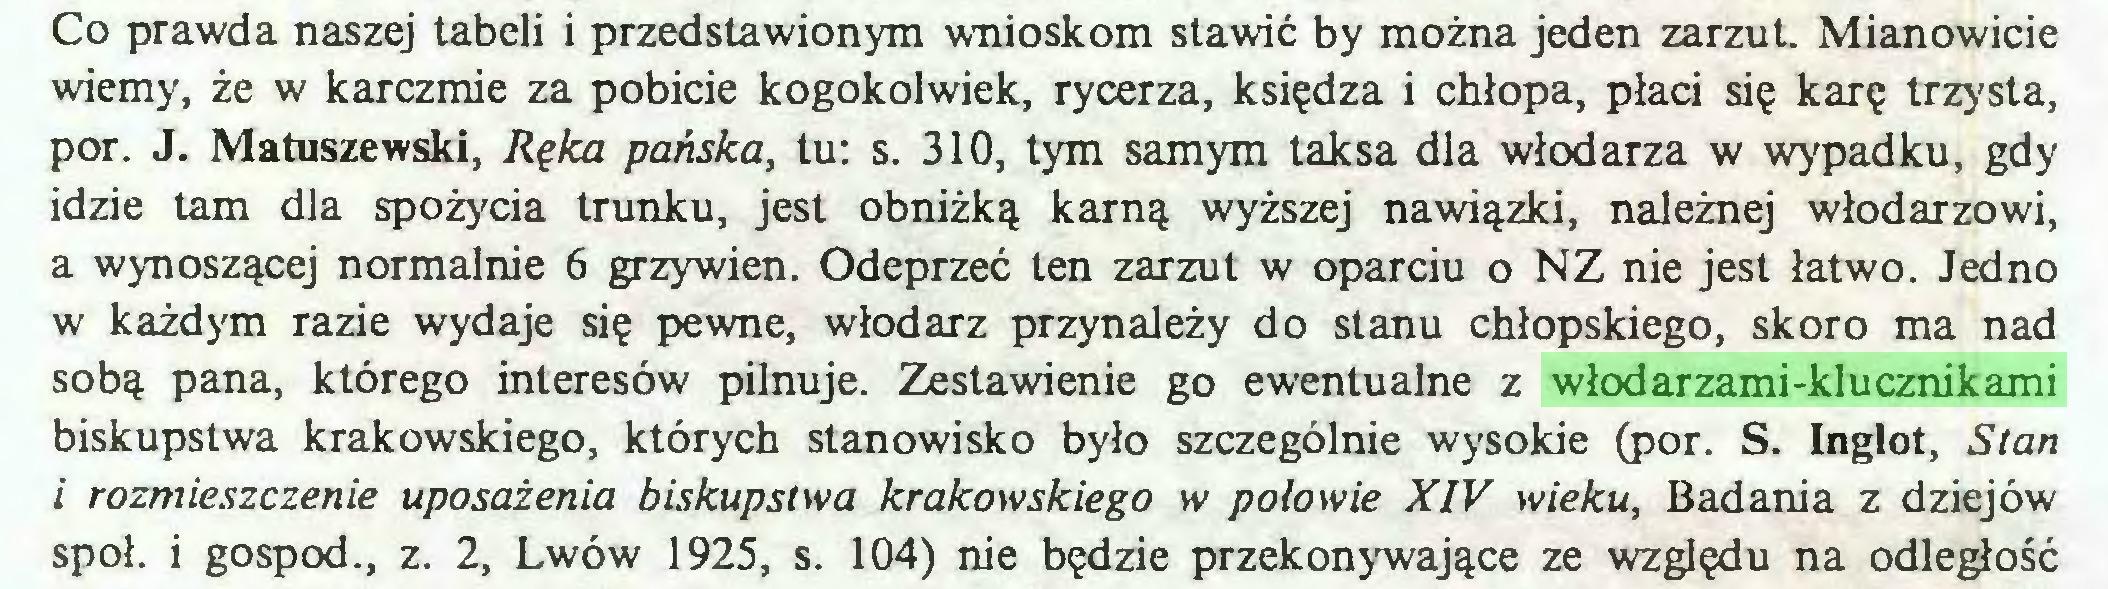 (...) Co prawda naszej tabeli i przedstawionym wnioskom stawić by można jeden zarzut. Mianowicie wiemy, że w karczmie za pobicie kogokolwiek, rycerza, księdza i chłopa, płaci się karę trzysta, por. J. Matuszewski, Ręka pańska, tu: s. 310, tym samym taksa dla włodarza w wypadku, gdy idzie tam dla spożycia trunku, jest obniżką karną wyższej nawiązki, należnej włodarzowi, a wynoszącej normalnie 6 grzywien. Odeprzeć ten zarzut w oparciu o NZ nie jest łatwo. Jedno w każdym razie wydaje się pewne, włodarz przynależy do stanu chłopskiego, skoro ma nad sobą pana, którego interesów pilnuje. Zestawienie go ewentualne z włodarzami-klucznikami biskupstwa krakowskiego, których stanowisko było szczególnie wysokie (por. S. Inglot, Stan i rozmieszczenie uposażenia biskupstwa krakowskiego w połowie XIV wieku, Badania z dziejów spoi. i gospod., z. 2, Lwów 1925, s. 104) nie będzie przekonywające ze względu na odległość...